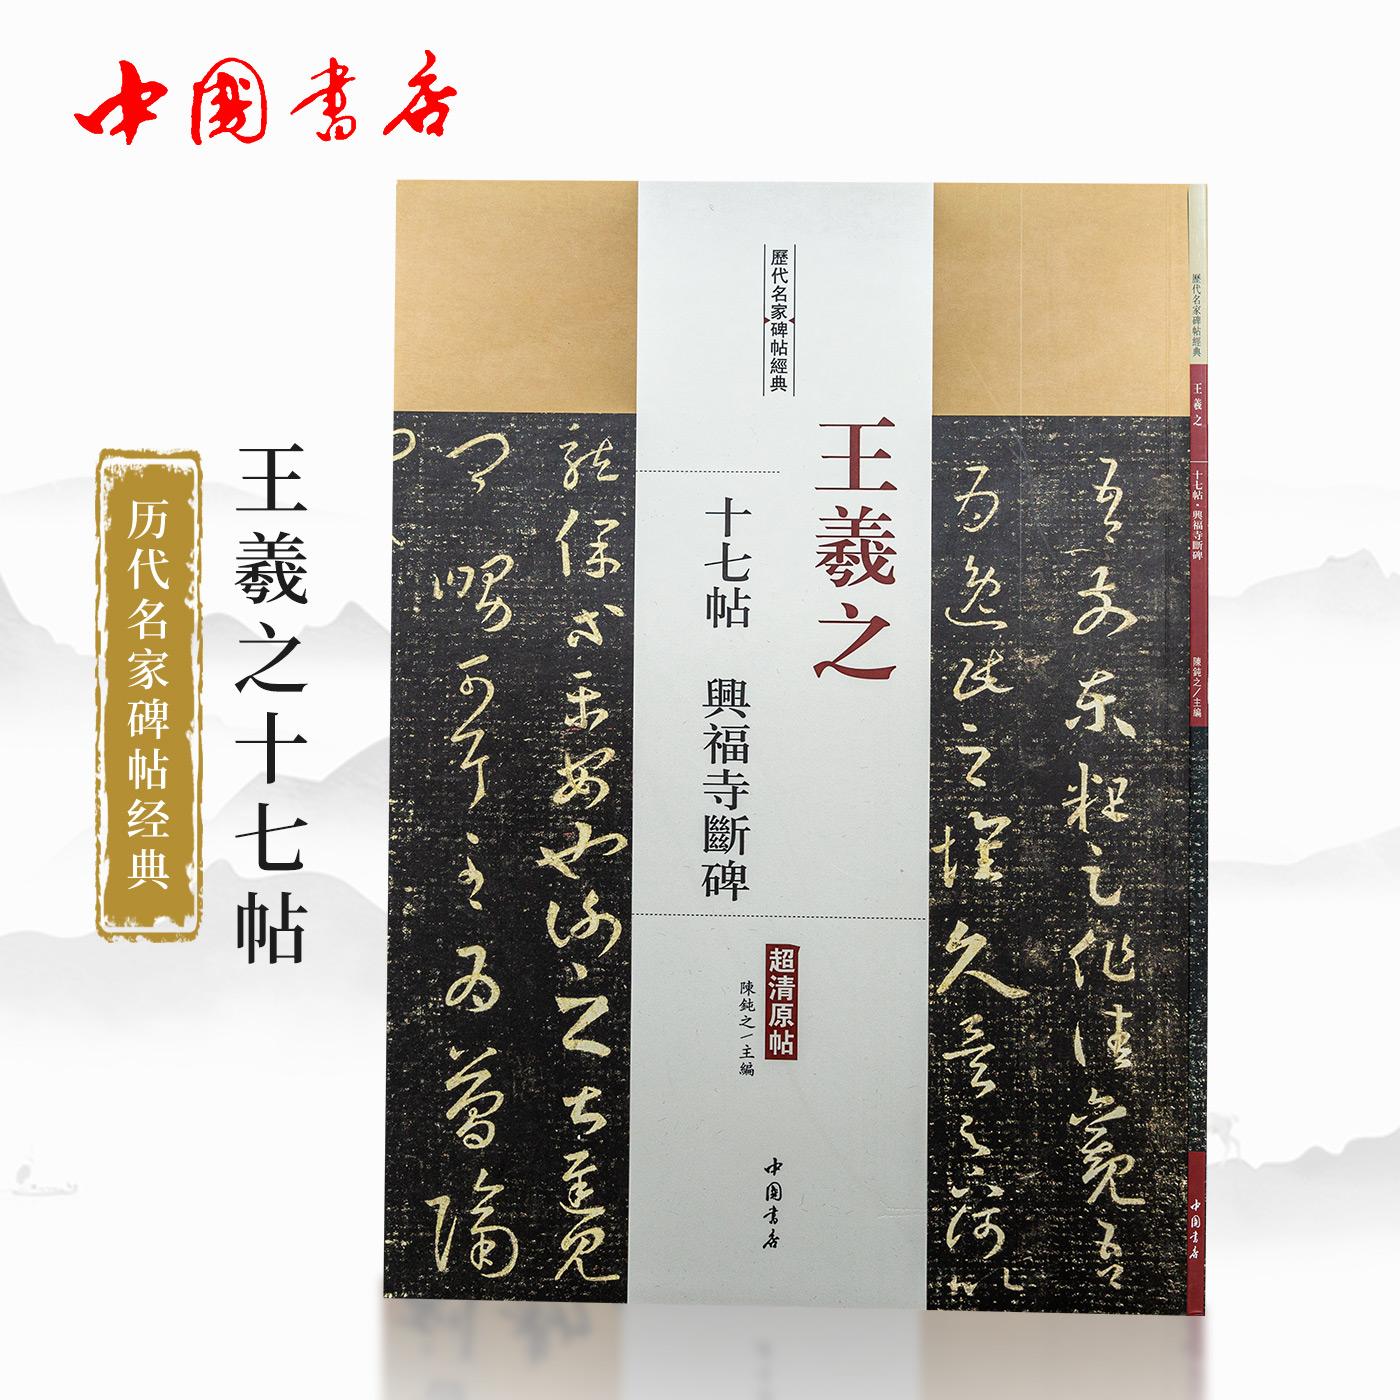 Китайская каллиграфия Артикул 557553889617